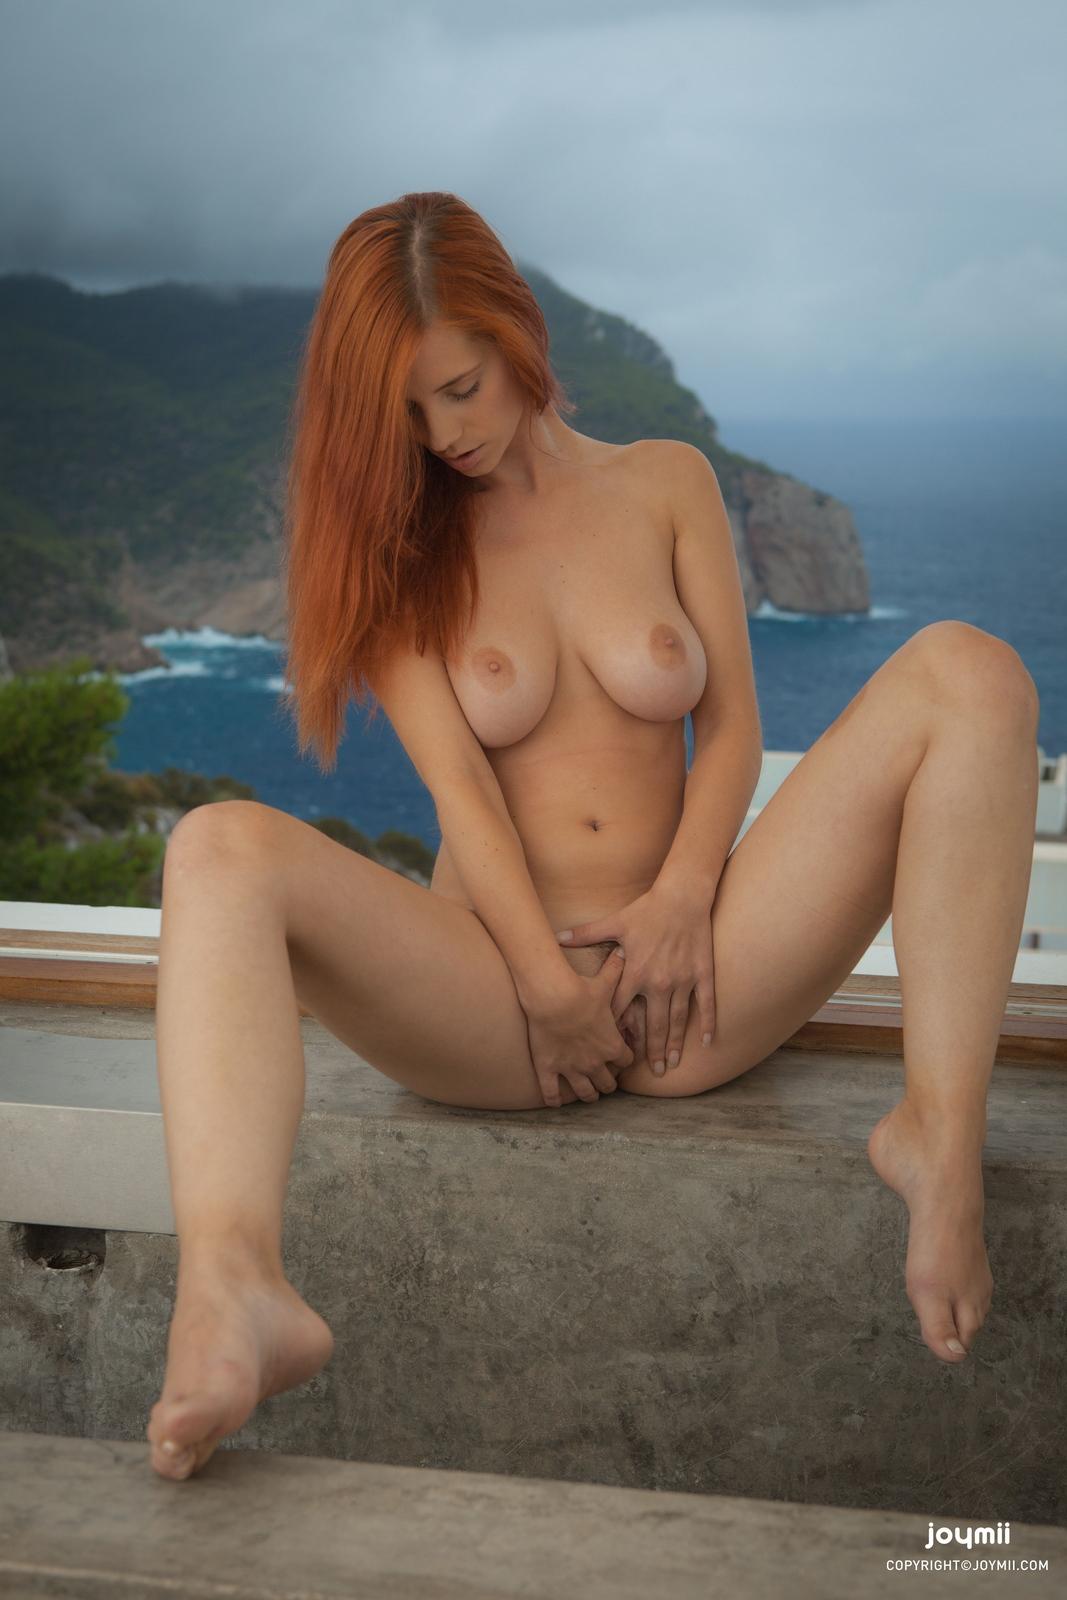 ariel-redhead-bathroom-naked-boobs-joymii-24